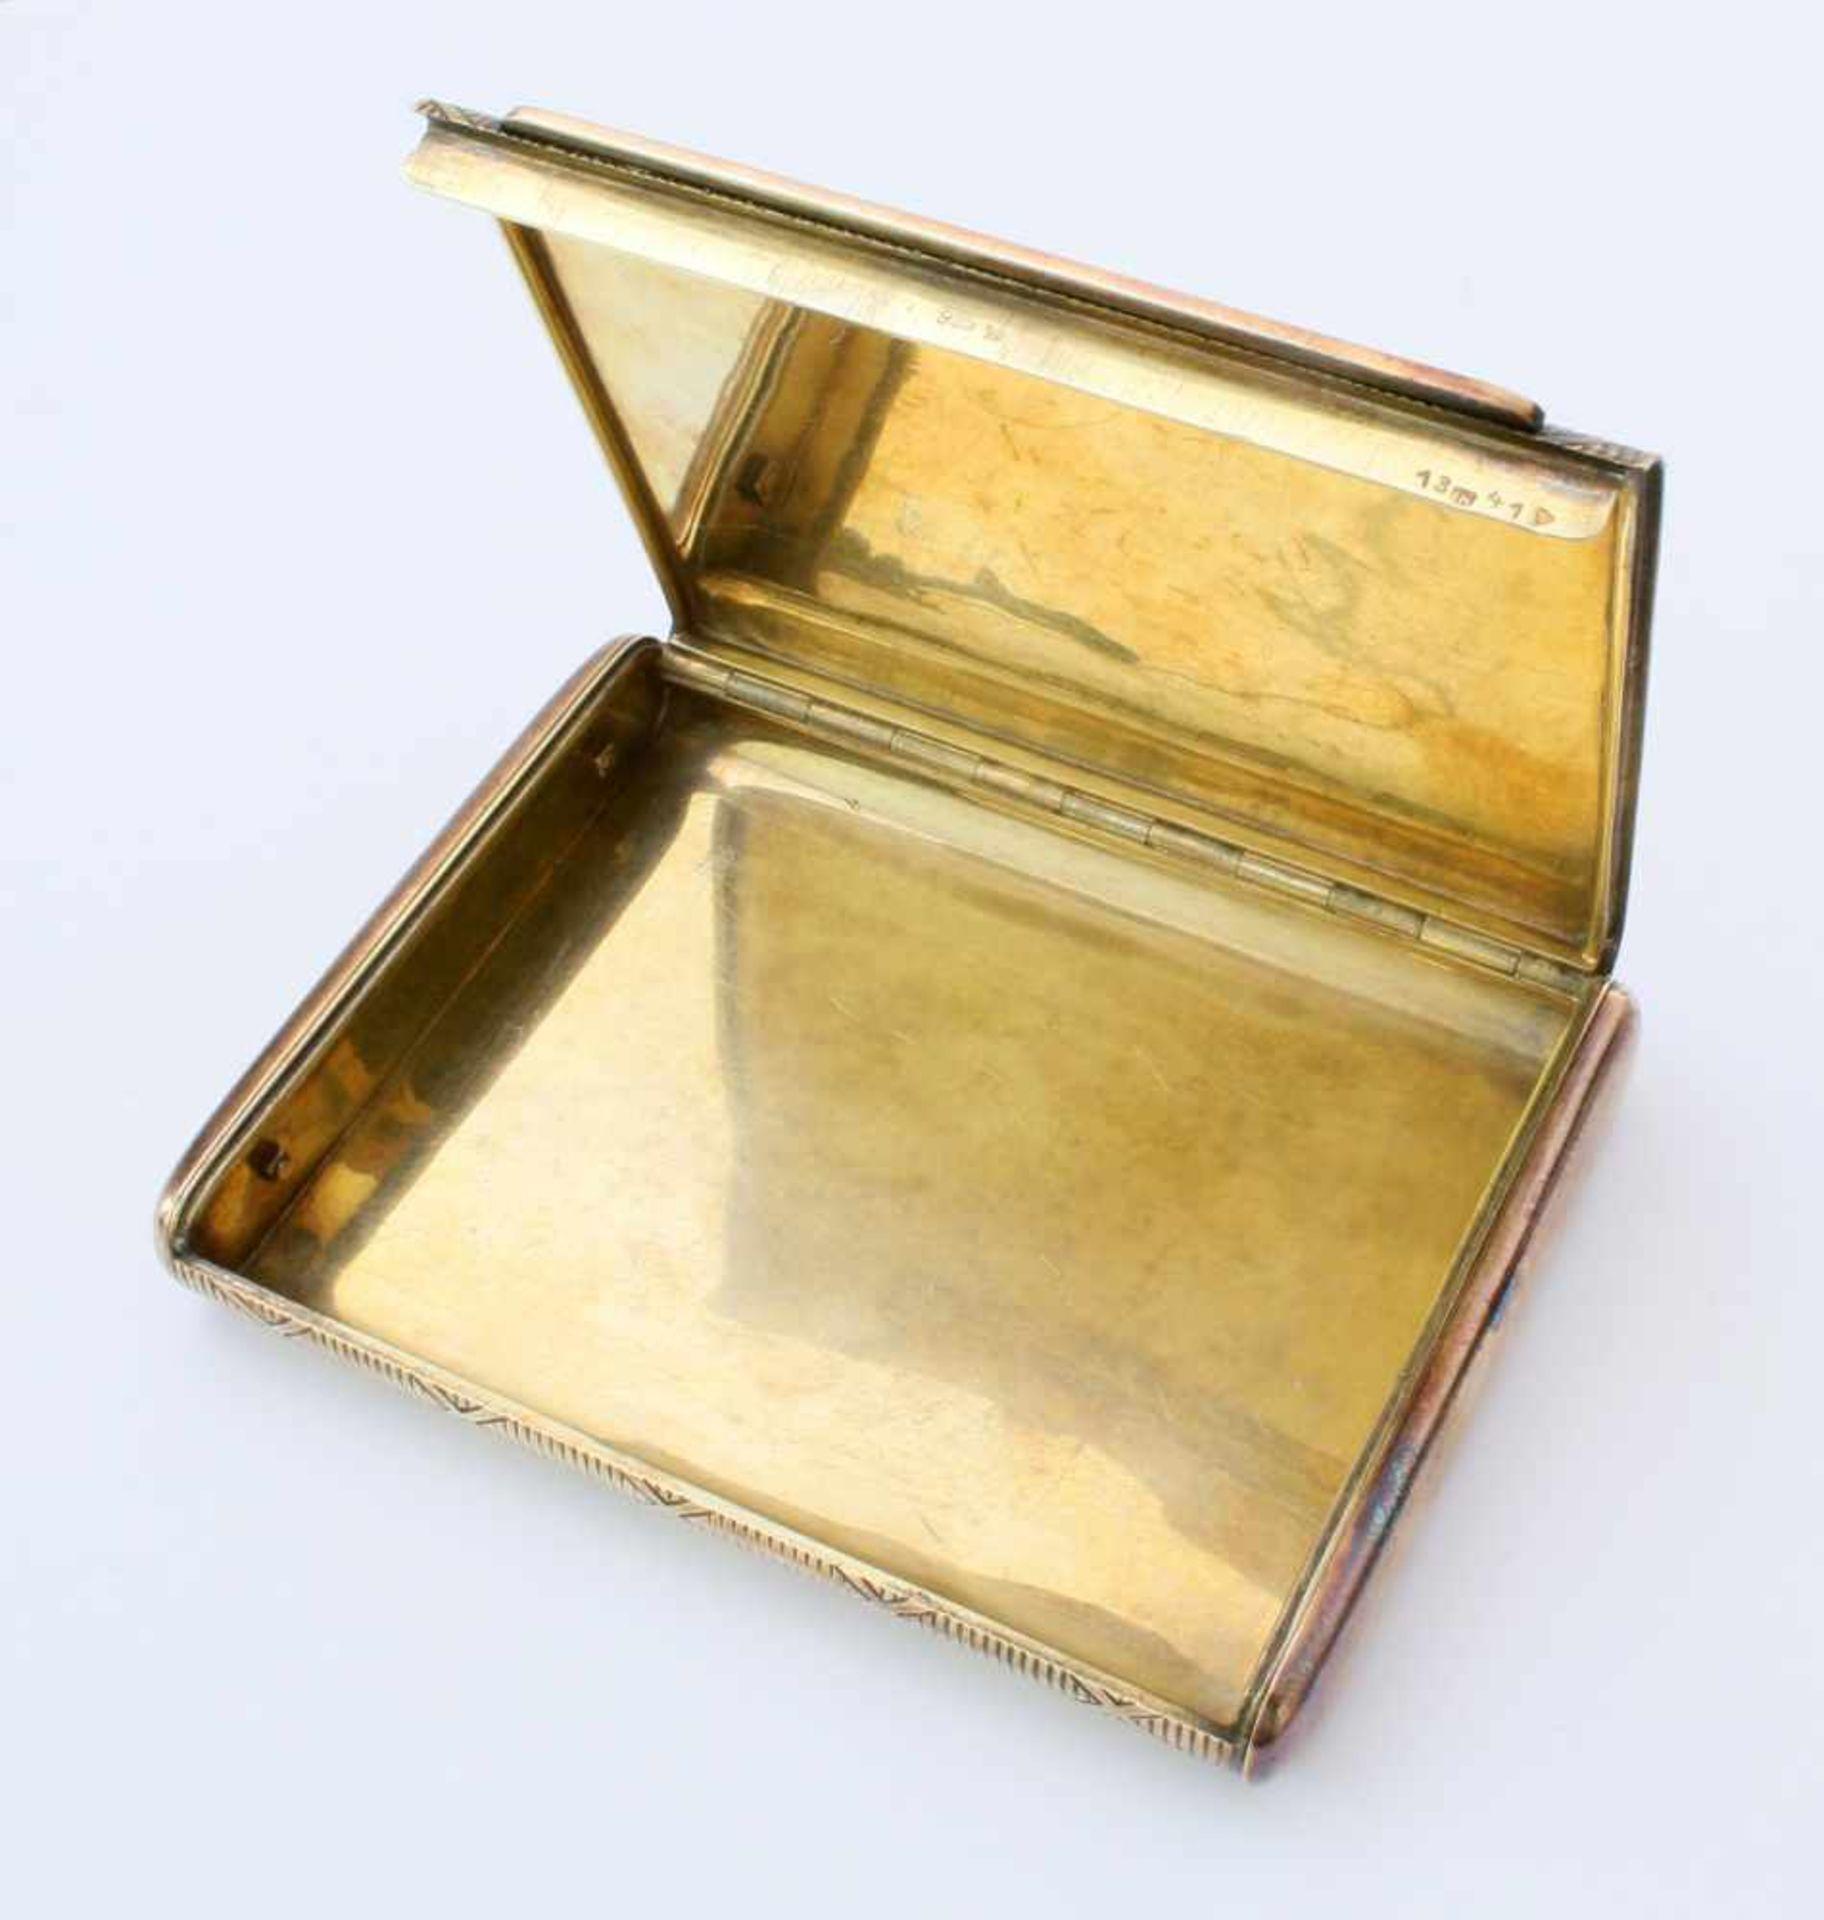 Silbernes und vergoldetes Zigarettenetui925er Silber, Hersteller wohl Gideon Bek, Pforzheim ( - Bild 2 aus 3